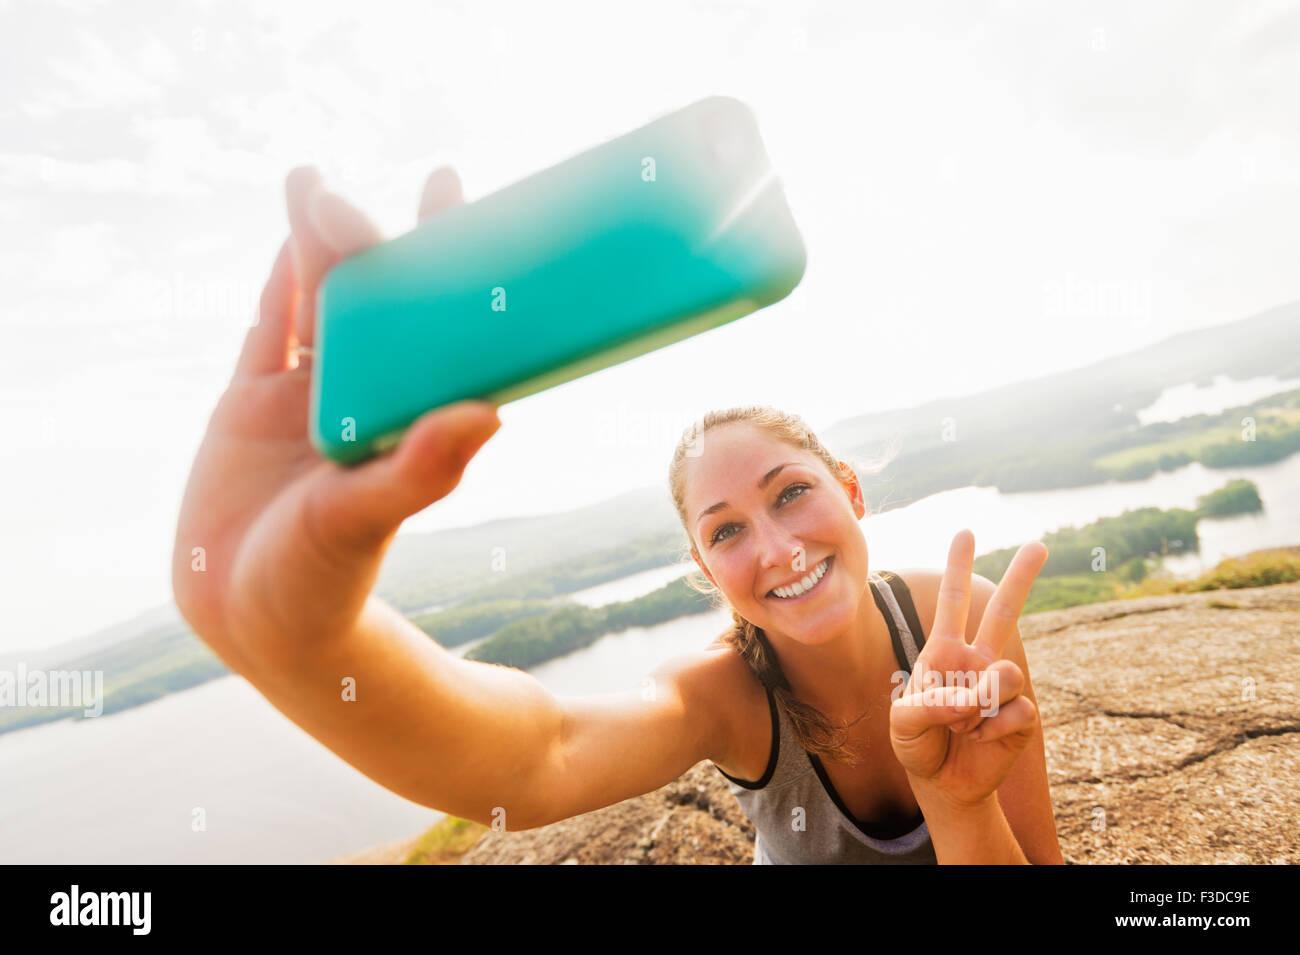 Junge Frau, die die Selfie auf Smartphone Stockbild